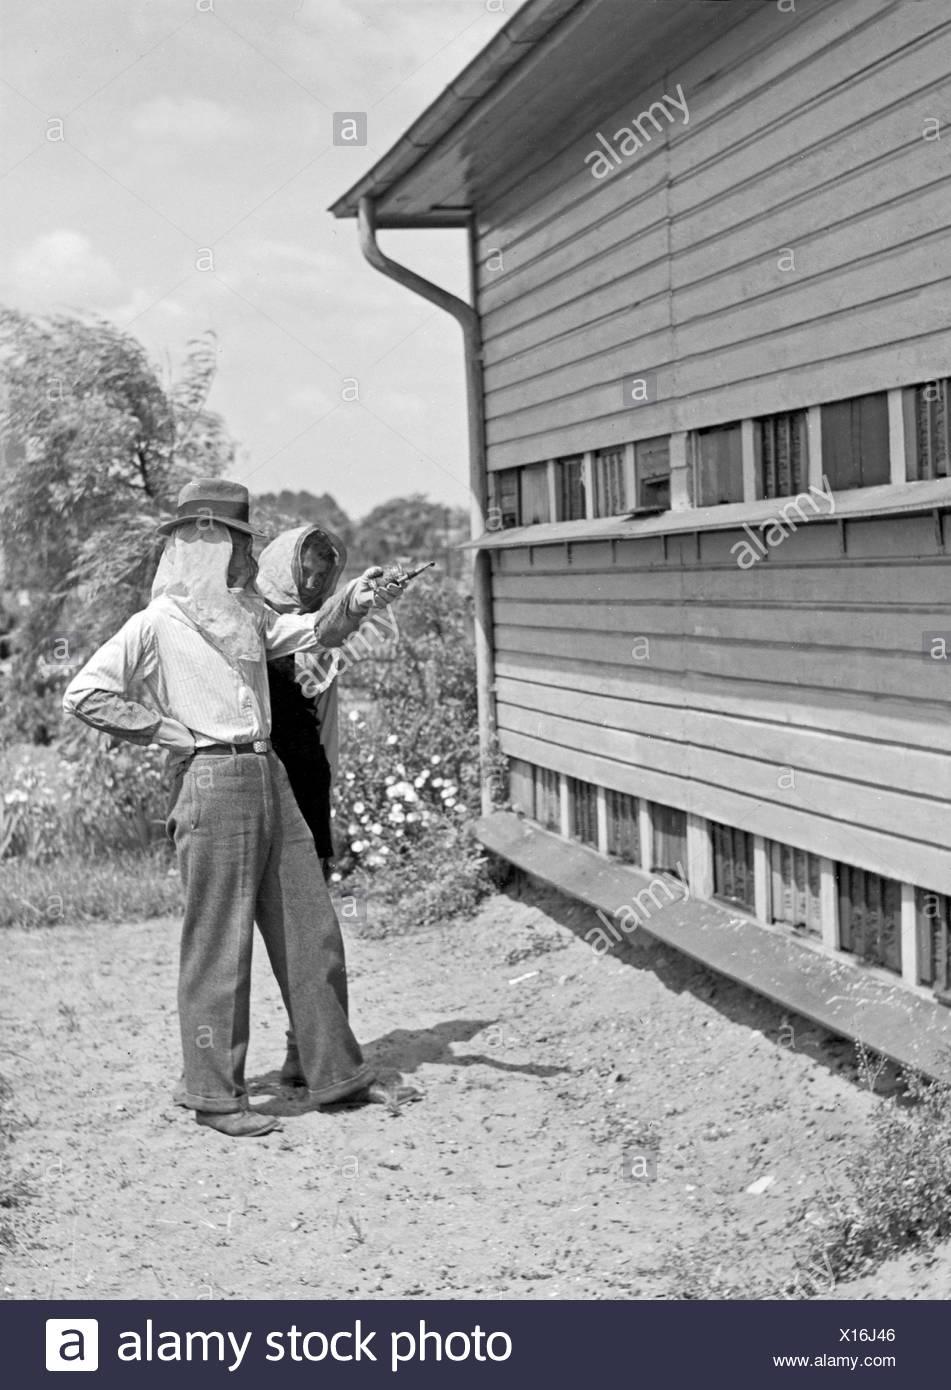 Zwei Imker Stehen in Schutzkleidung Vor Dachmarke Bienenstock, 1930er Jahre Deutschland. Zwei Imker in Protectitve Kleidung stand vor einem Bienenstock, Deutschland der 1930er Jahre. Stockbild